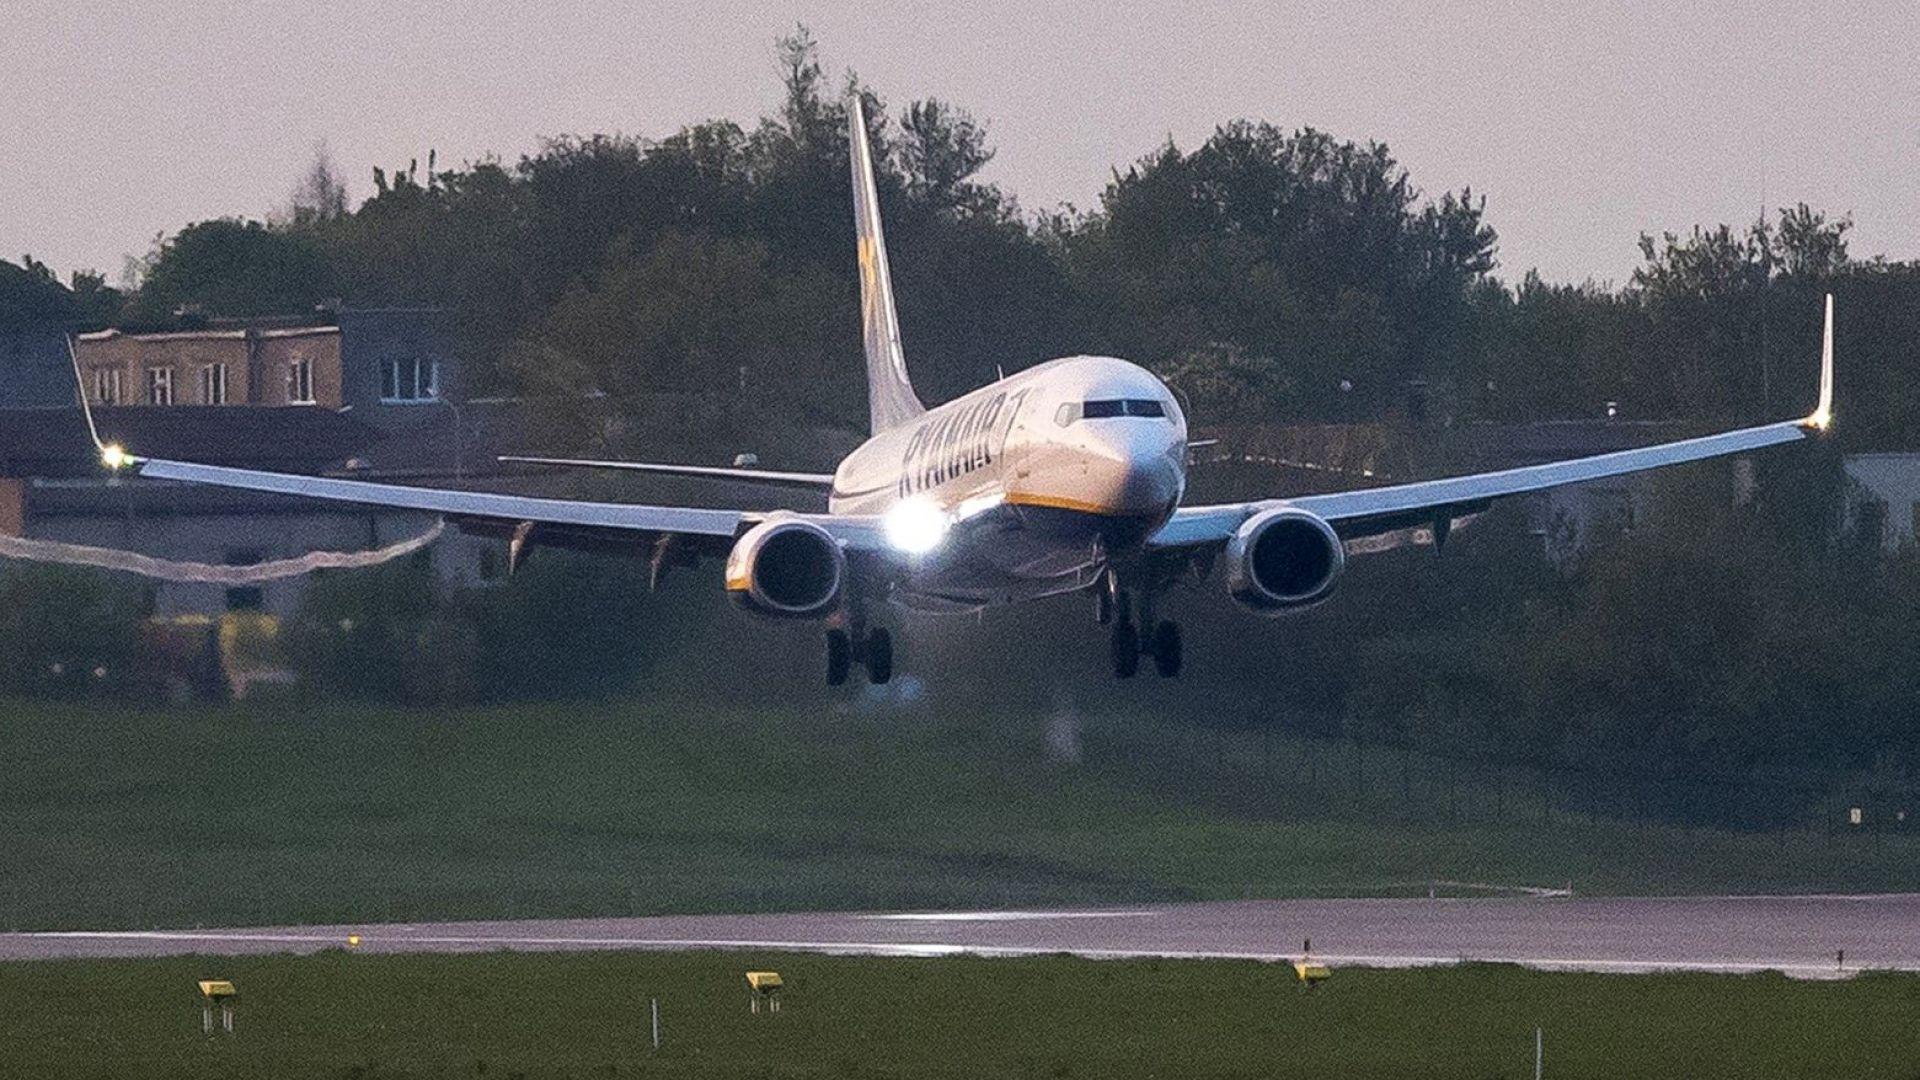 Големи авиокомпании вече зачеркнаха Беларус